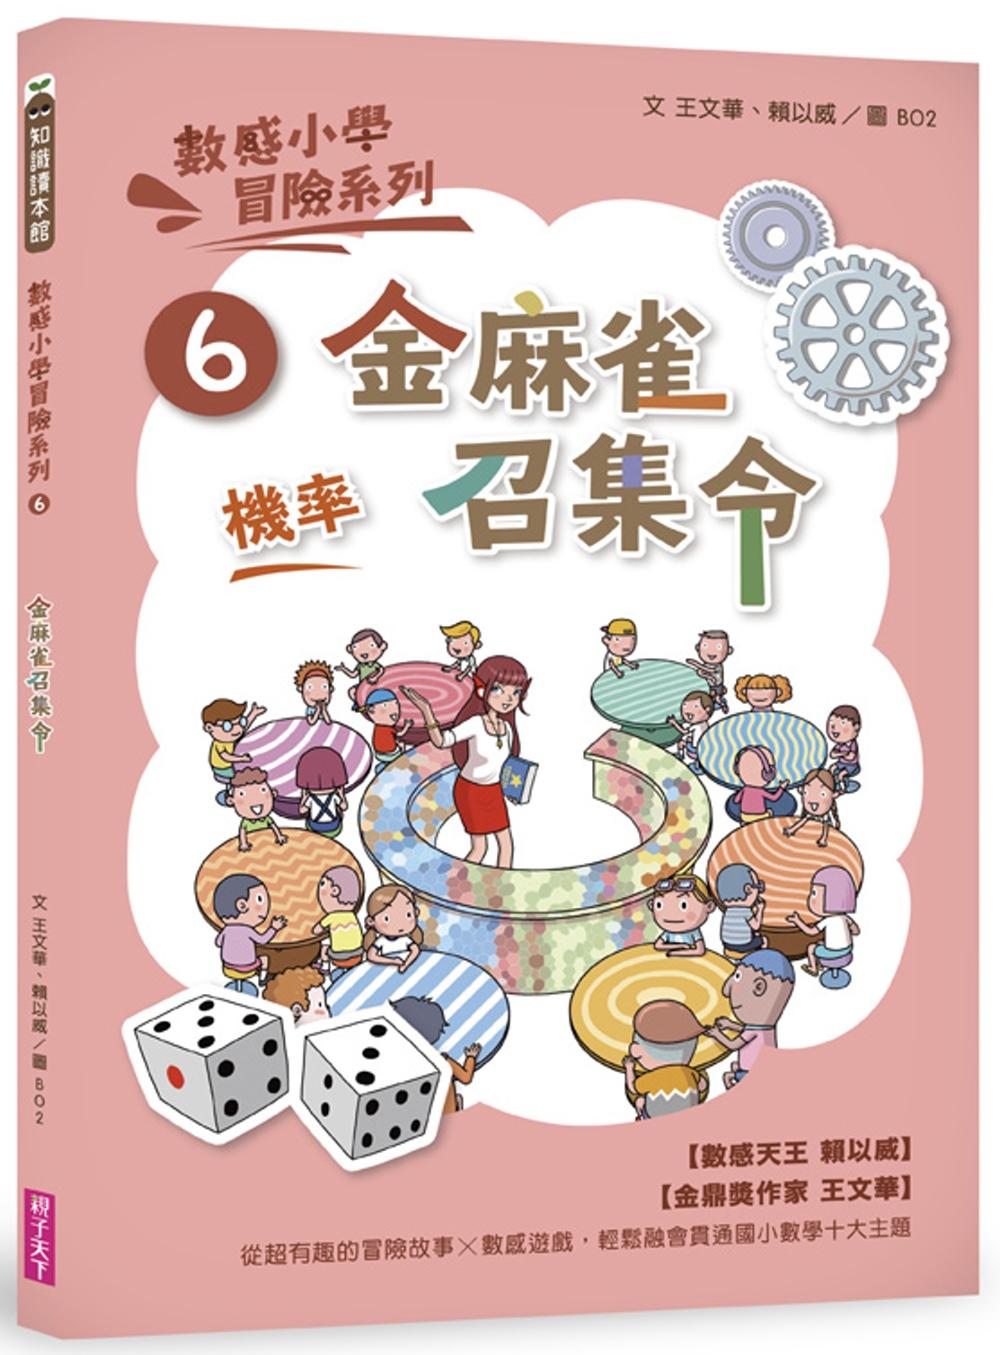 數感小學冒險系列6:金麻雀召集令(符合108課綱跨領域素養,『機率』主題)